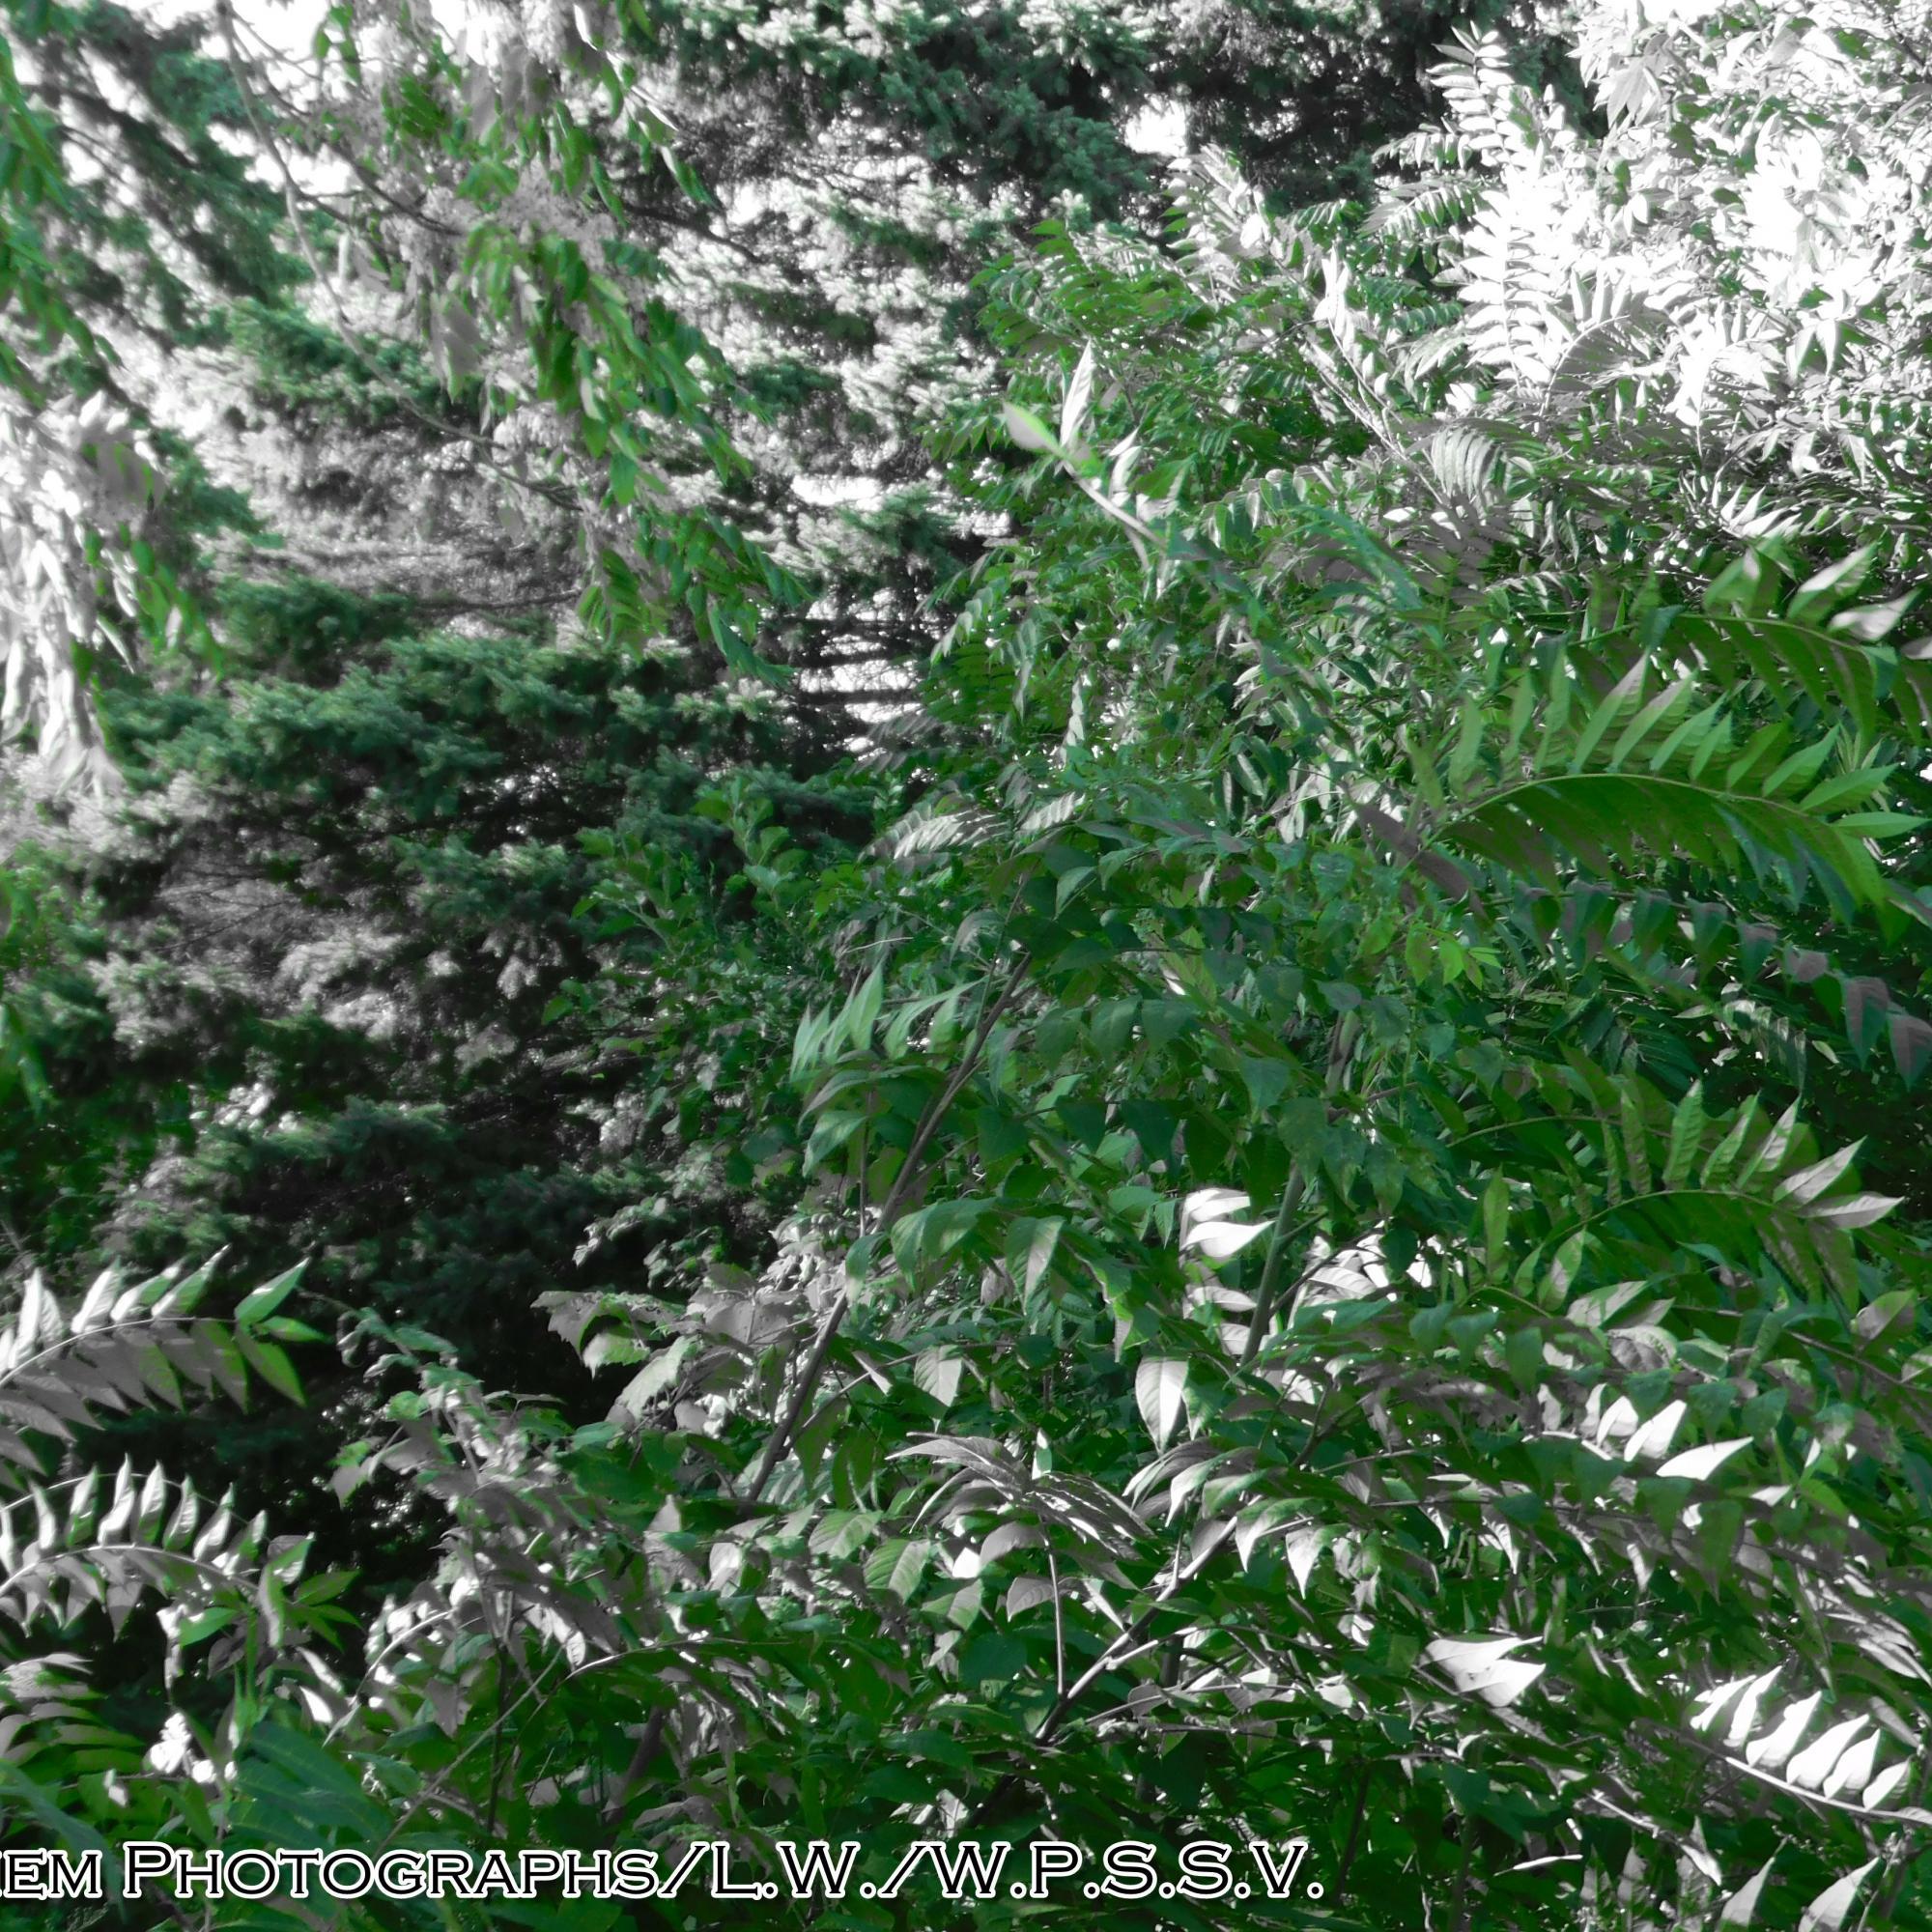 Color Splashed Green Leaves (2)